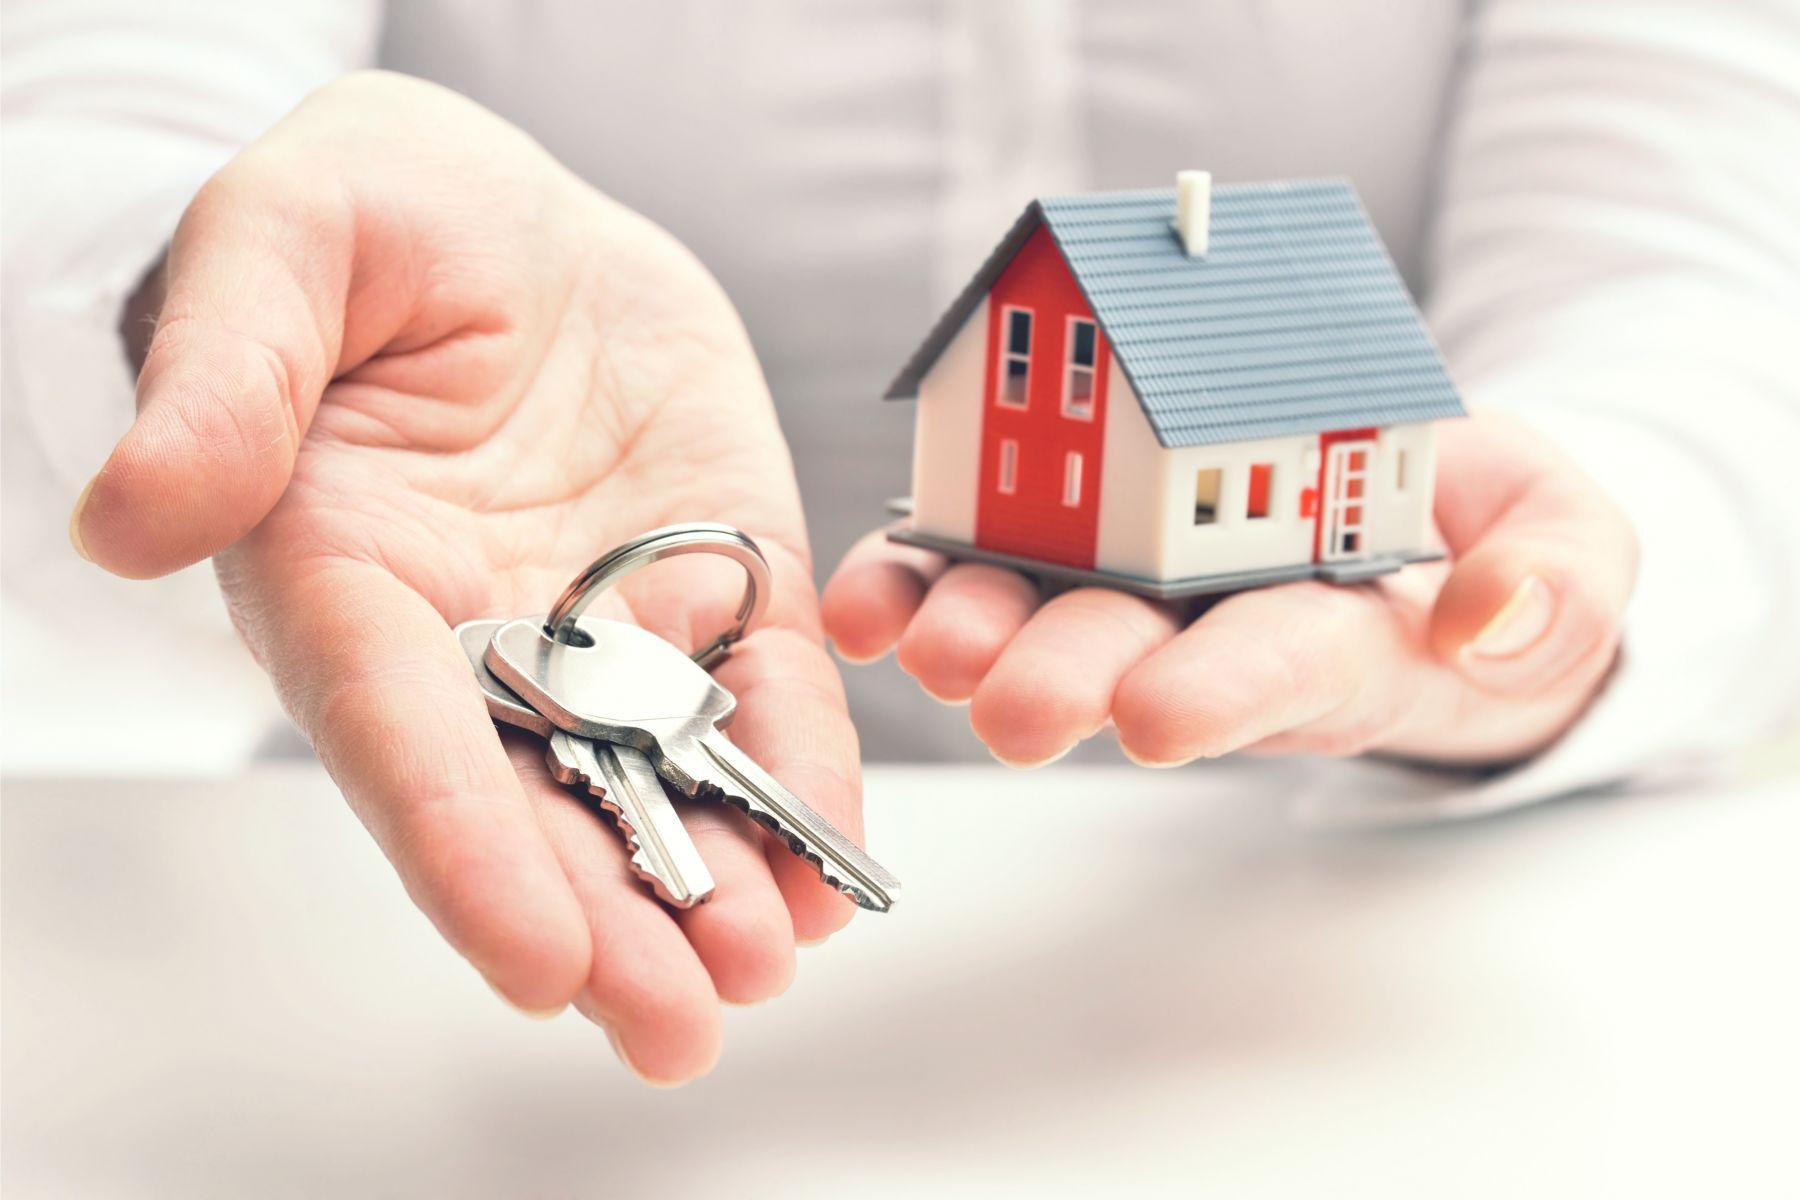 租房還是買房子好?施昇輝揭你一定要買房子的3大理由